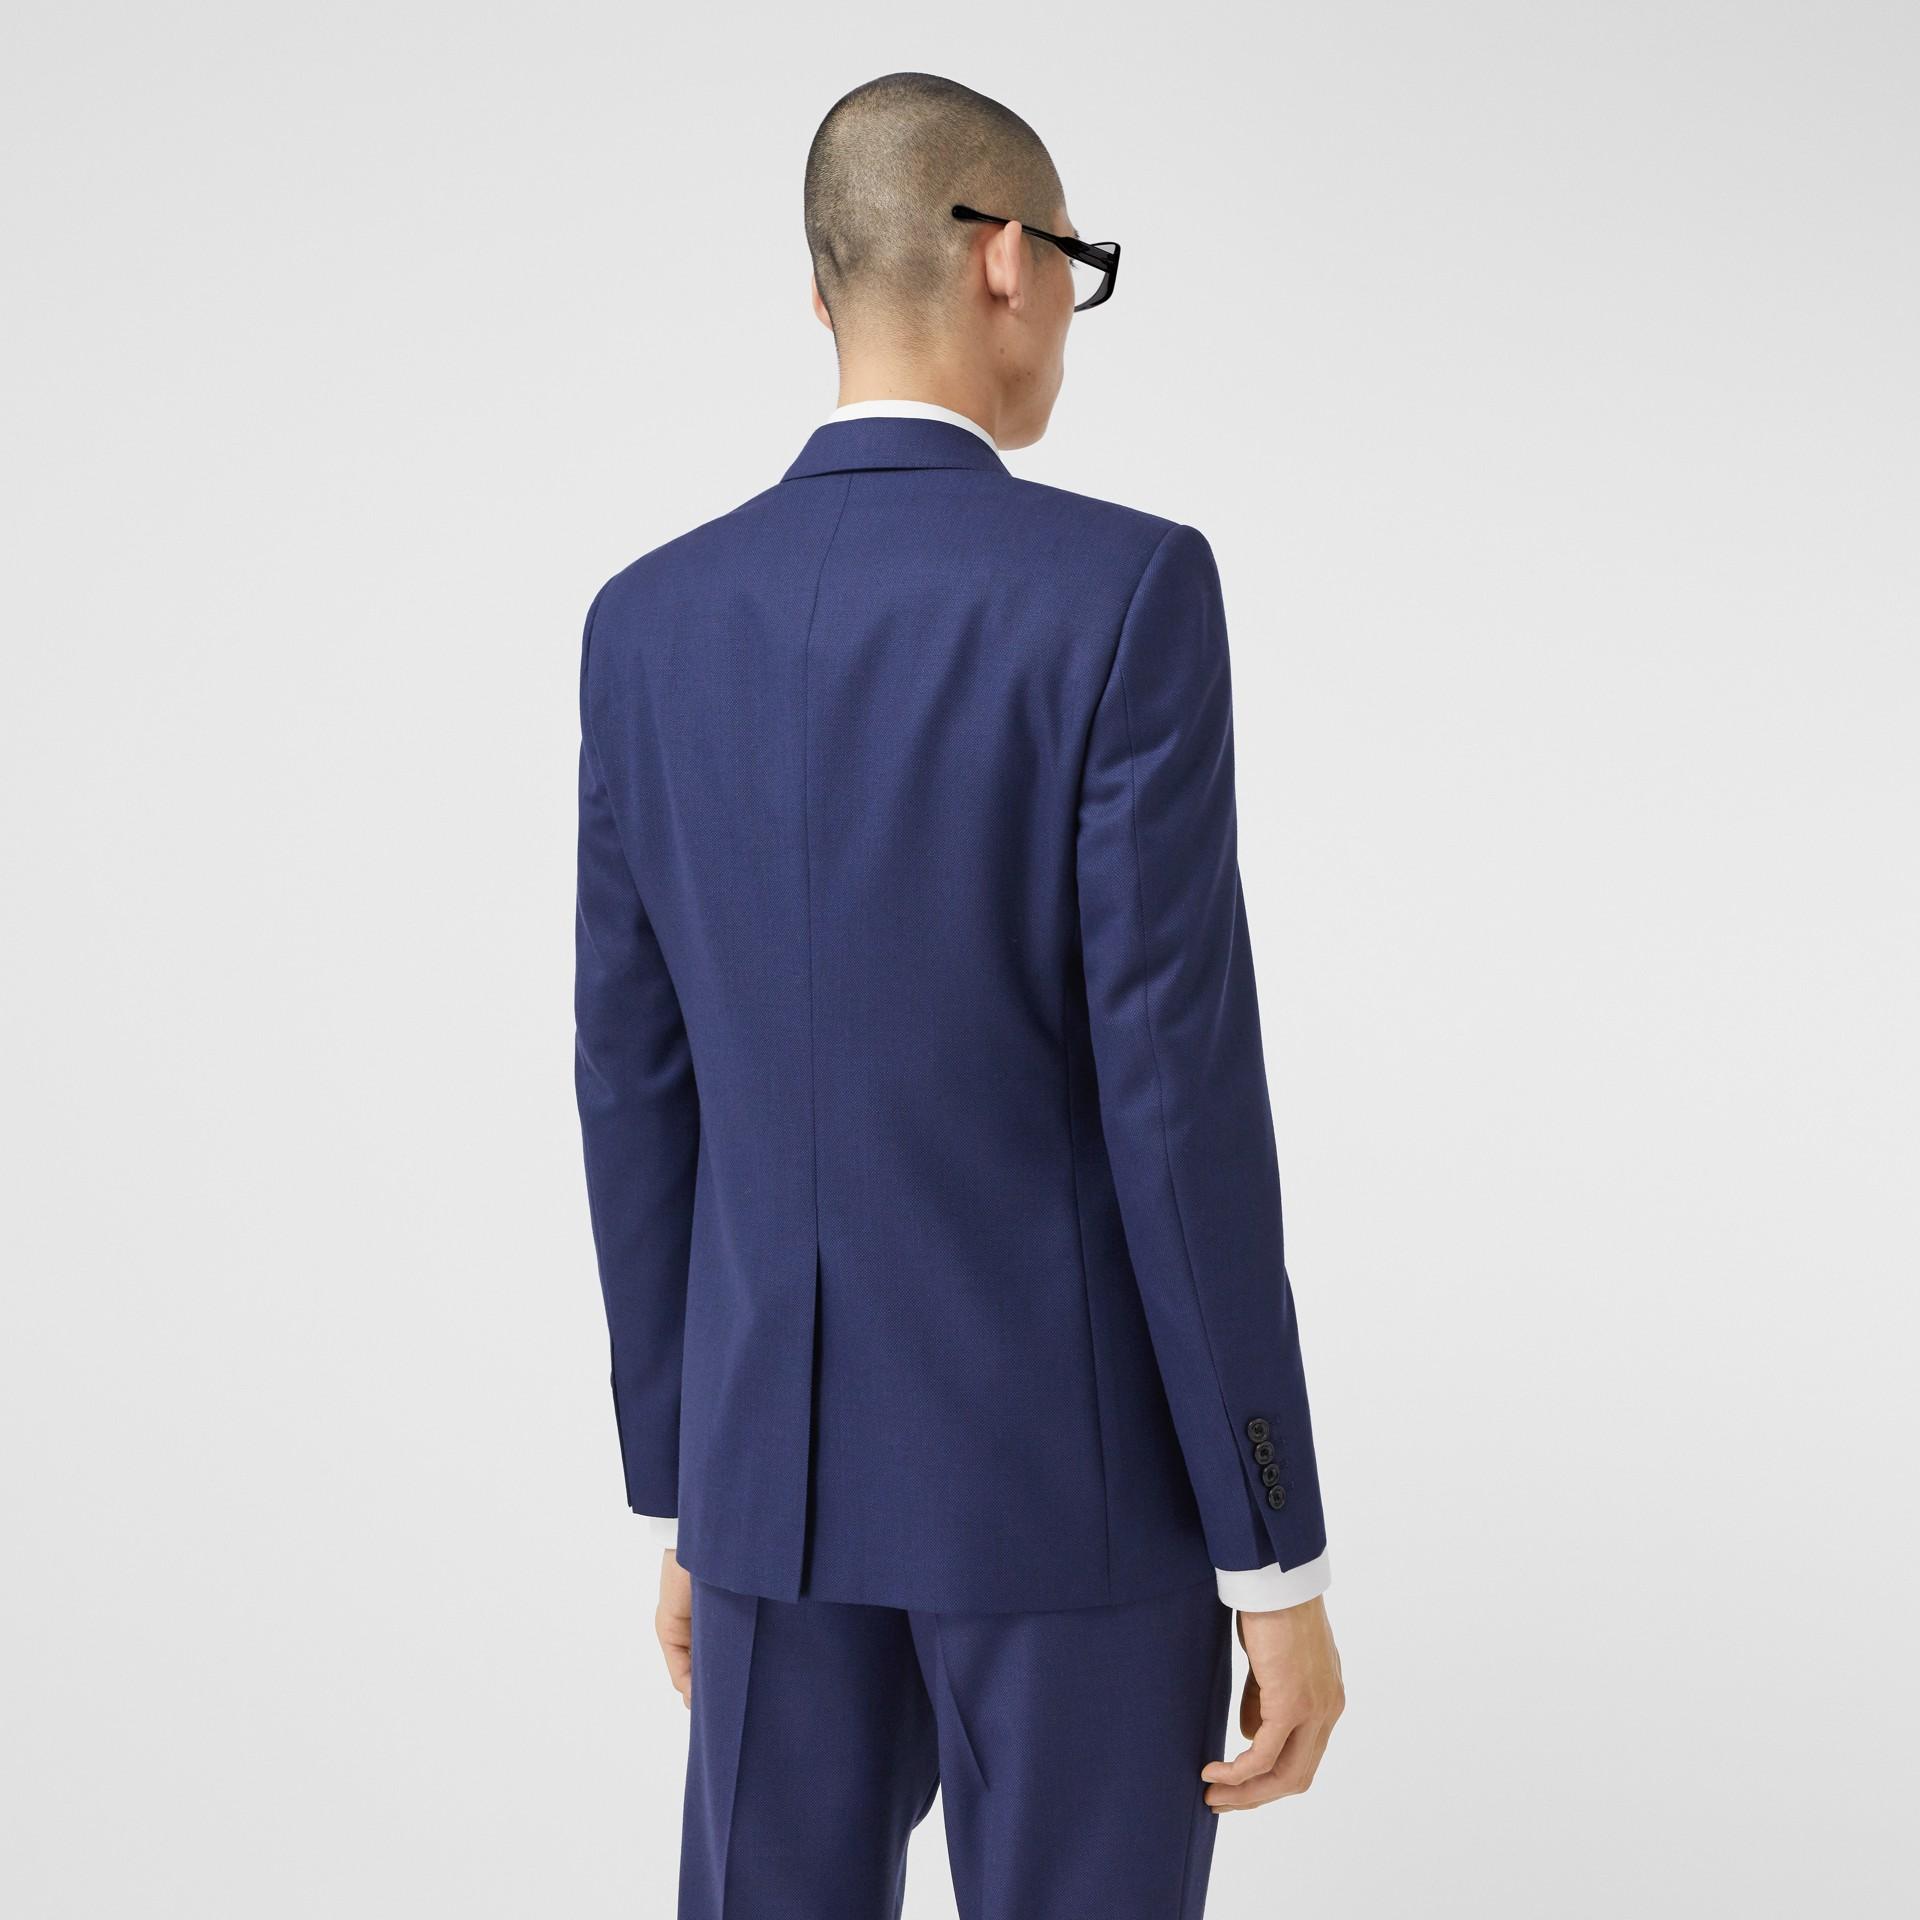 Elegantes Jackett aus Birdseye-Wolle in klassischer Passform (Leuchtendes Marineblau) - Herren | Burberry - Galerie-Bild 2